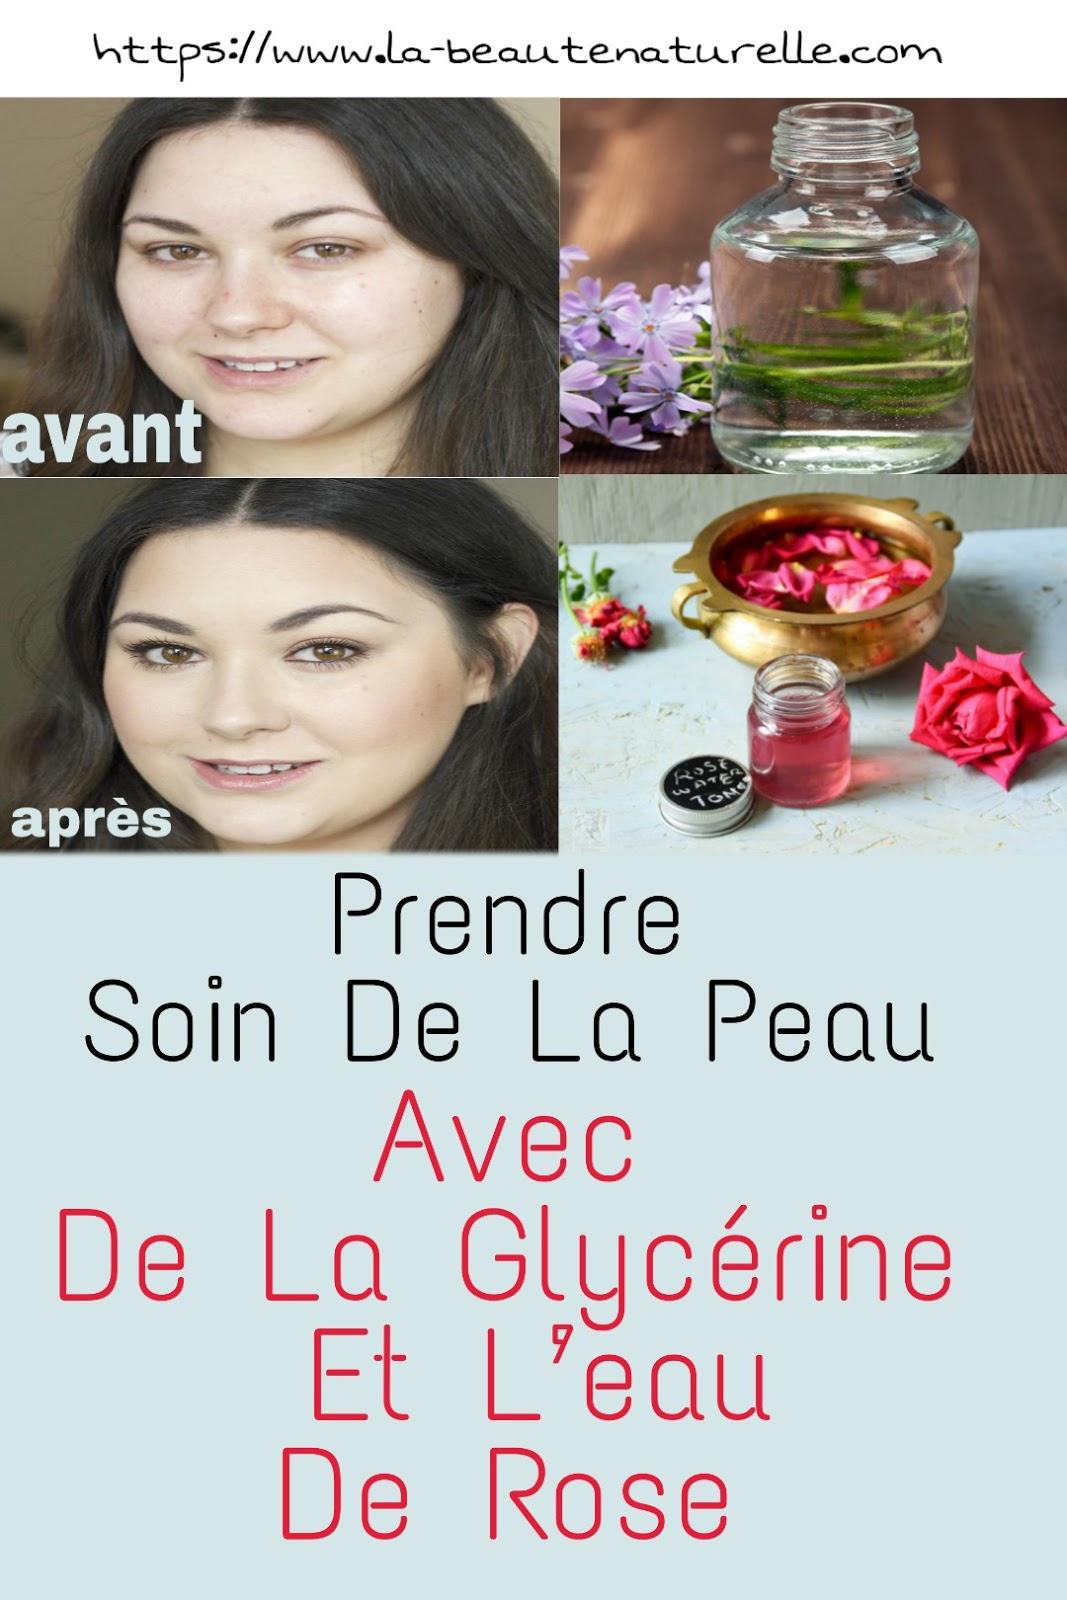 Prendre Soin De La Peau Avec De La Glycérine Et L'eau De Rose